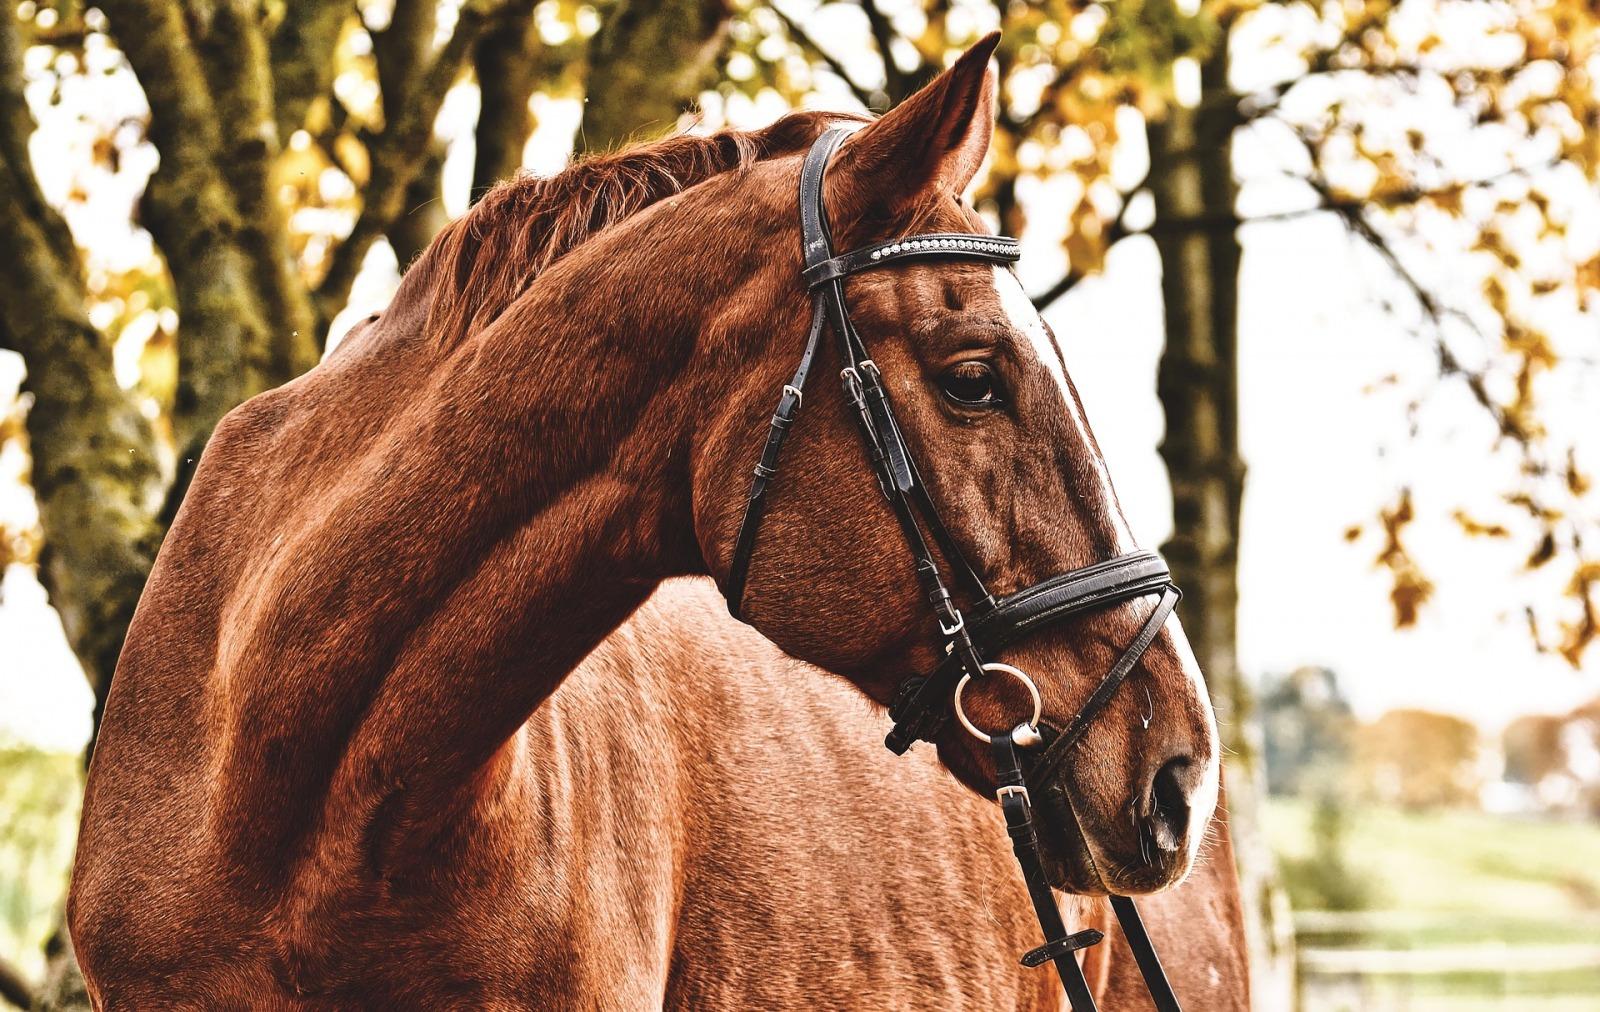 fodervärd häst avtal, Fodervärd åt häst och upprätta skriftligt avtal, Rättsakuten